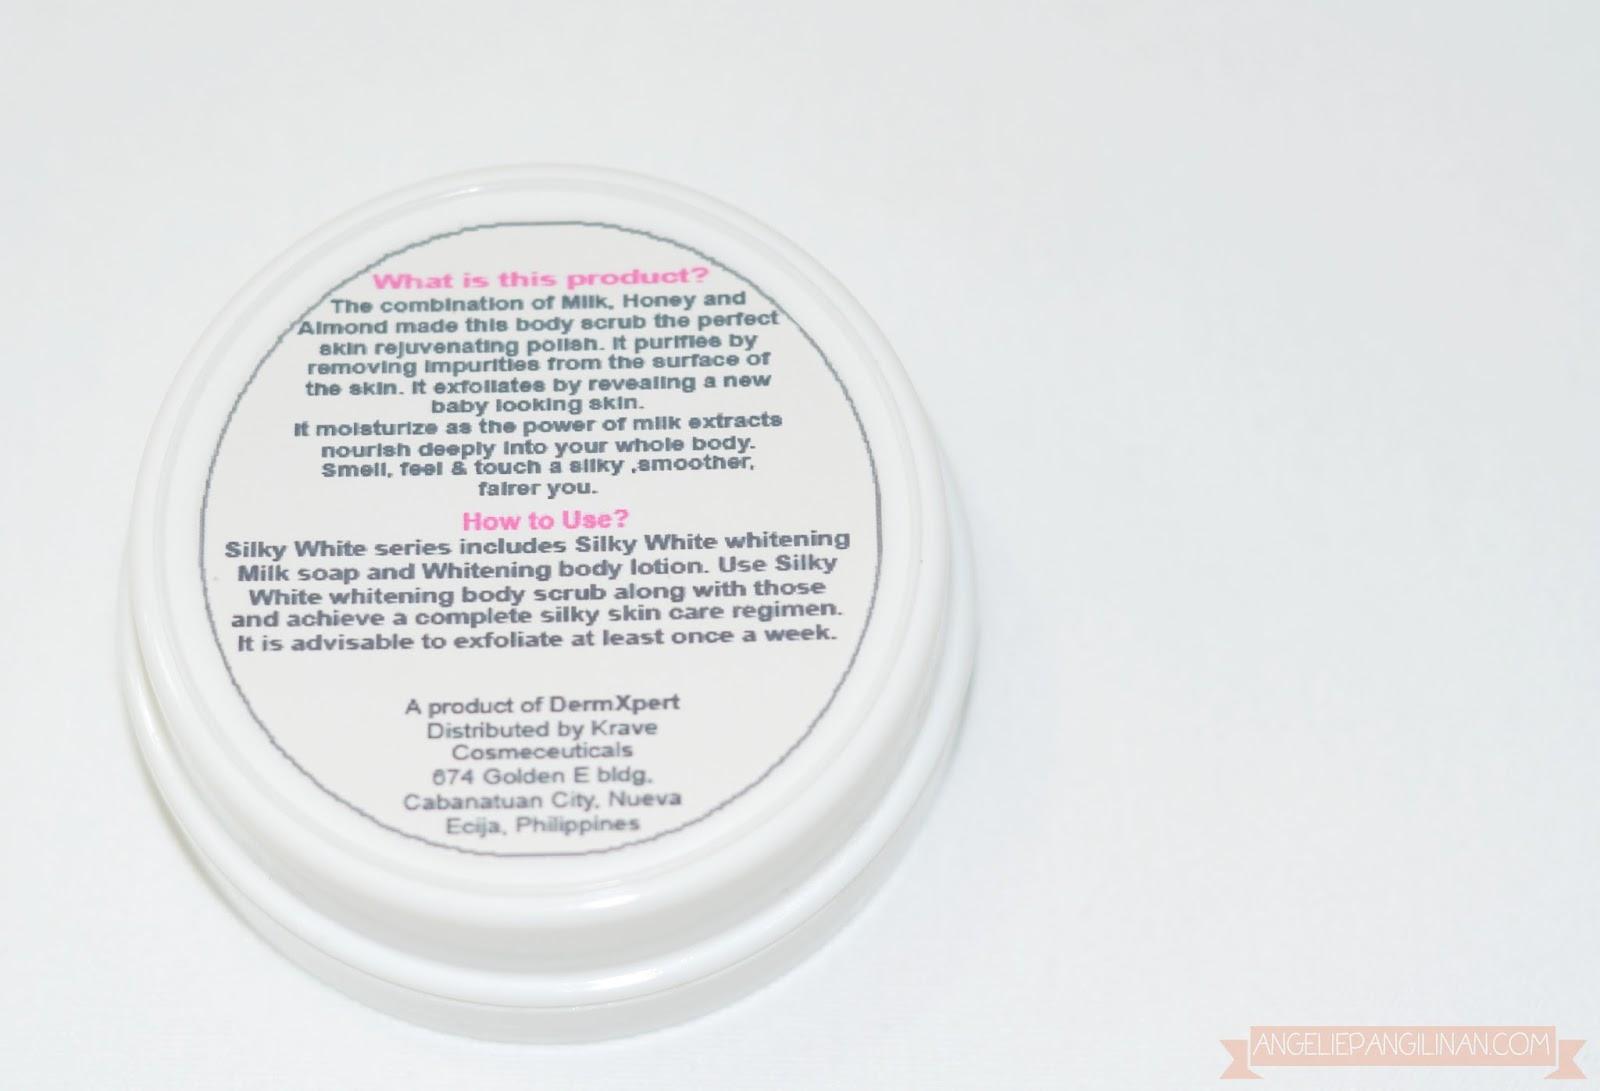 dermxpert silky white whitening body scrub